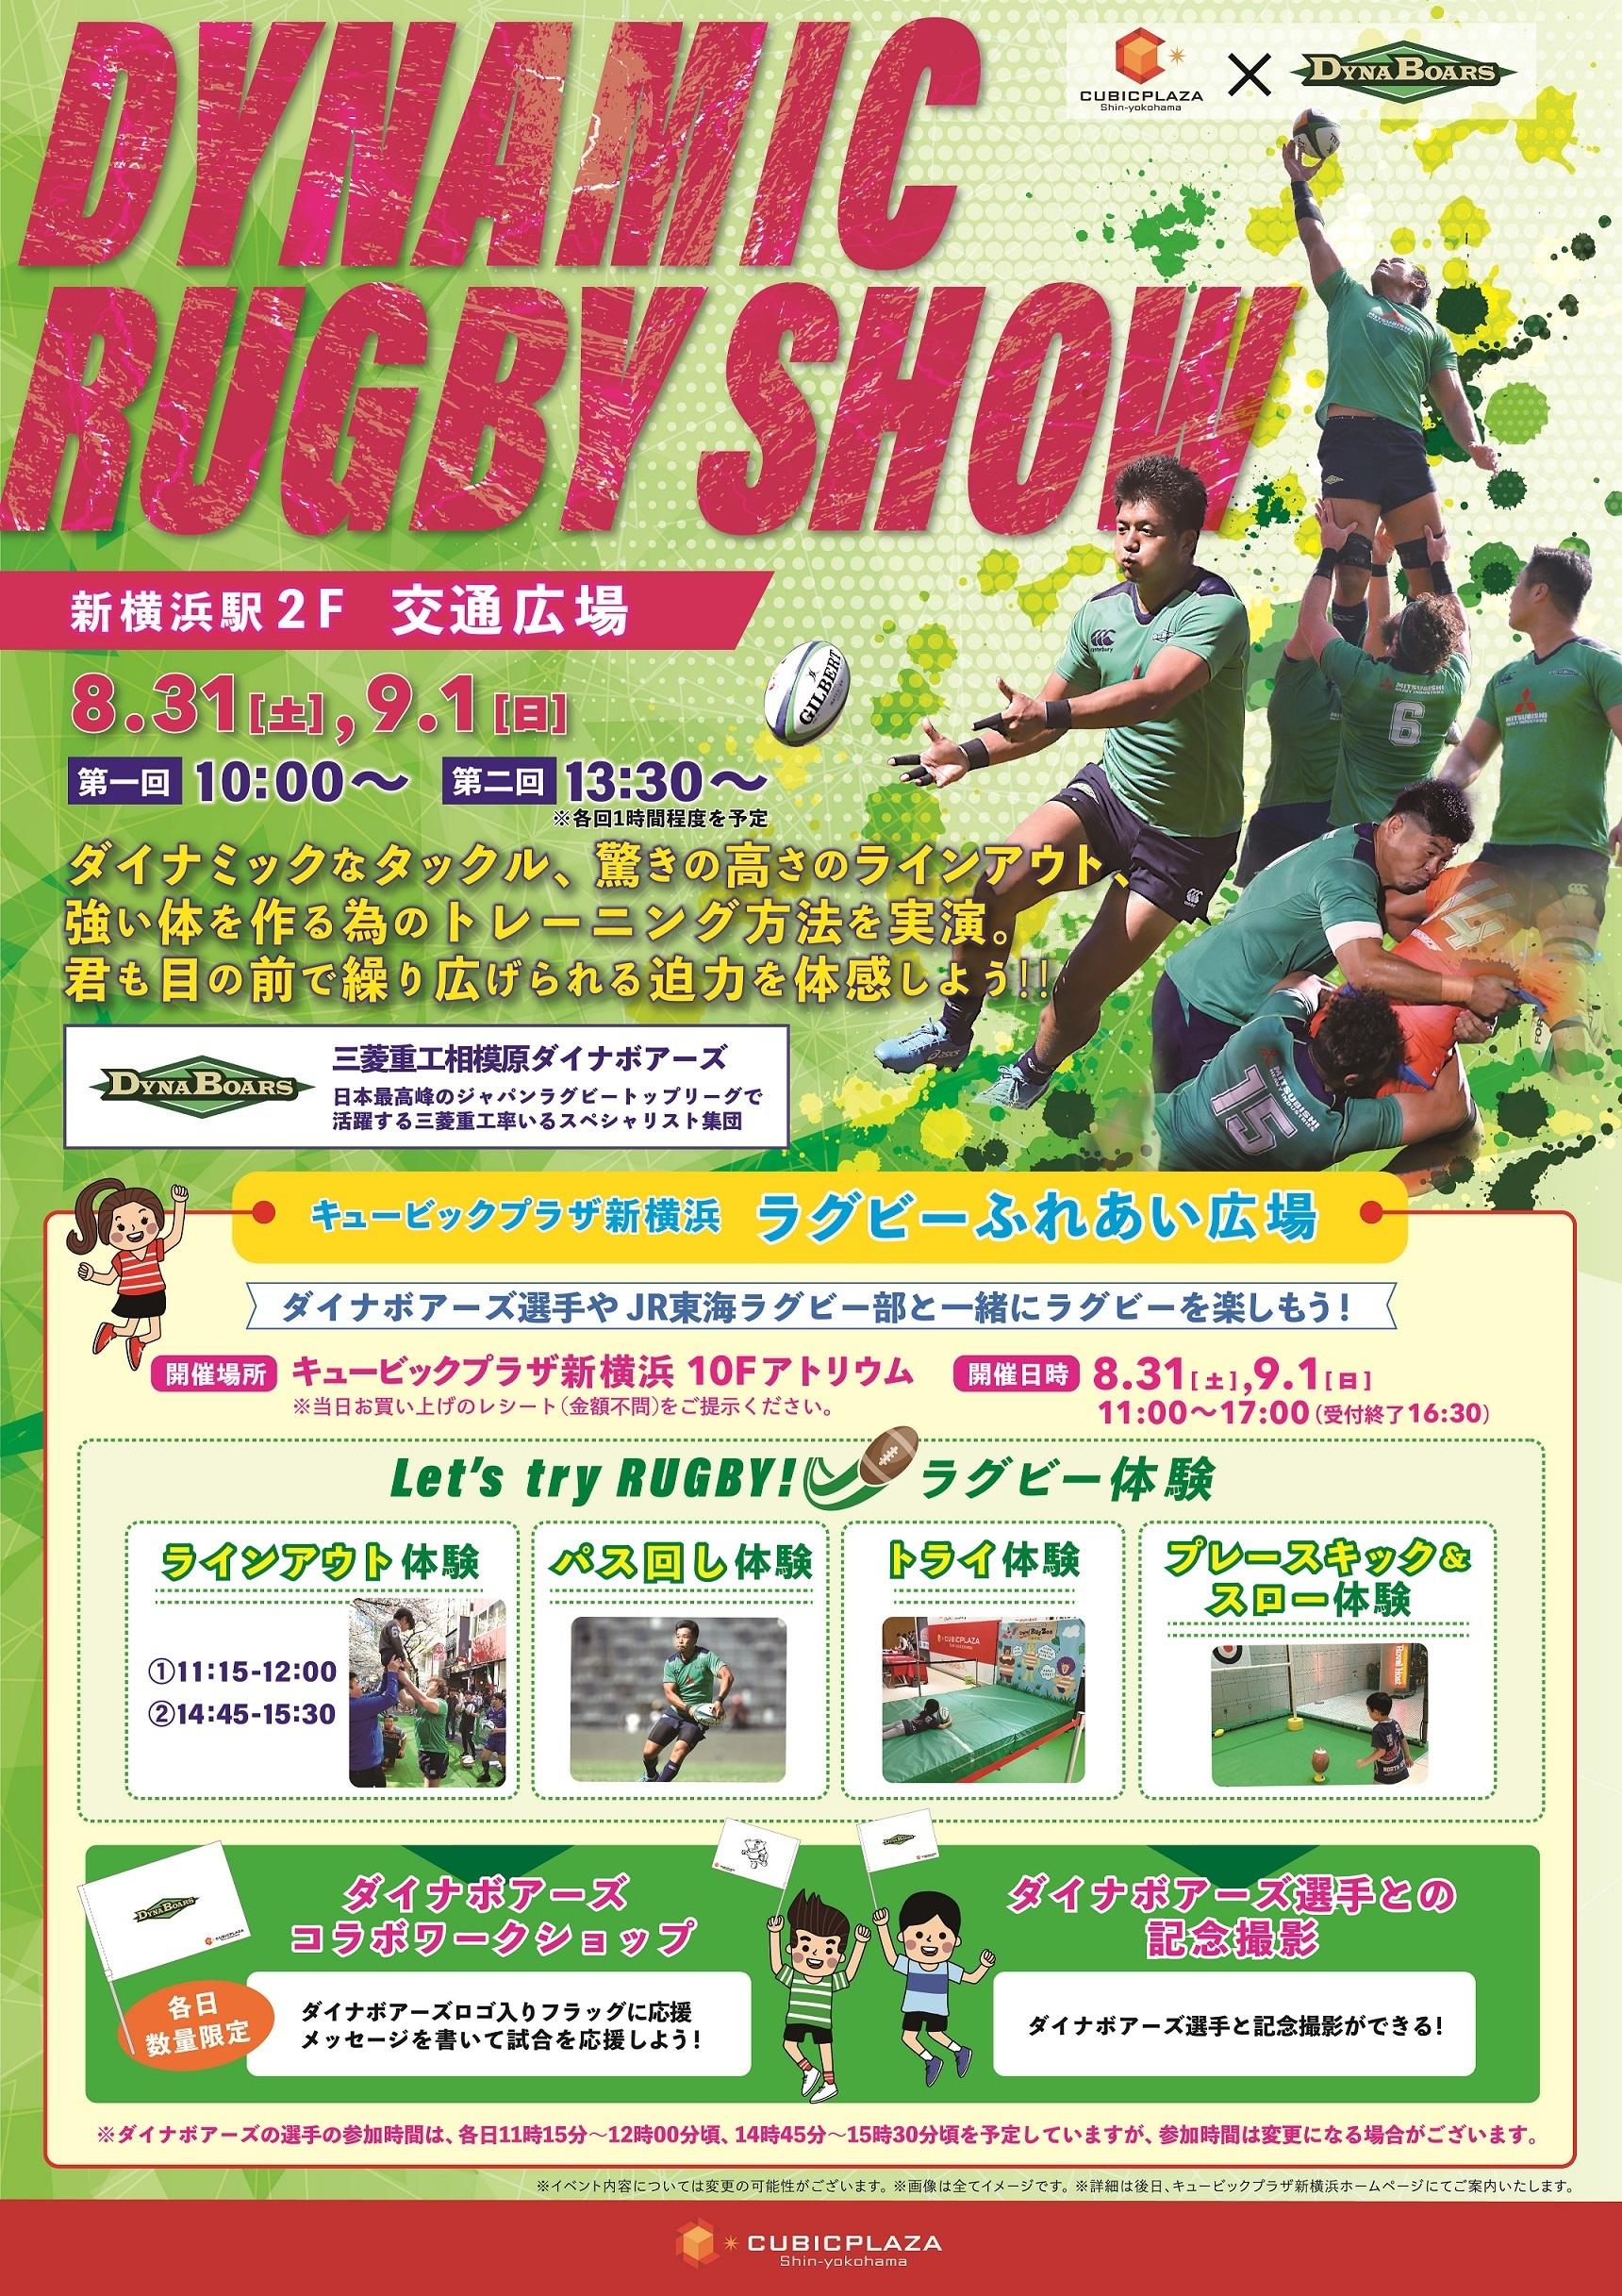 「キュービックプラザ新横浜」 ラグビー体感イベントの開催について